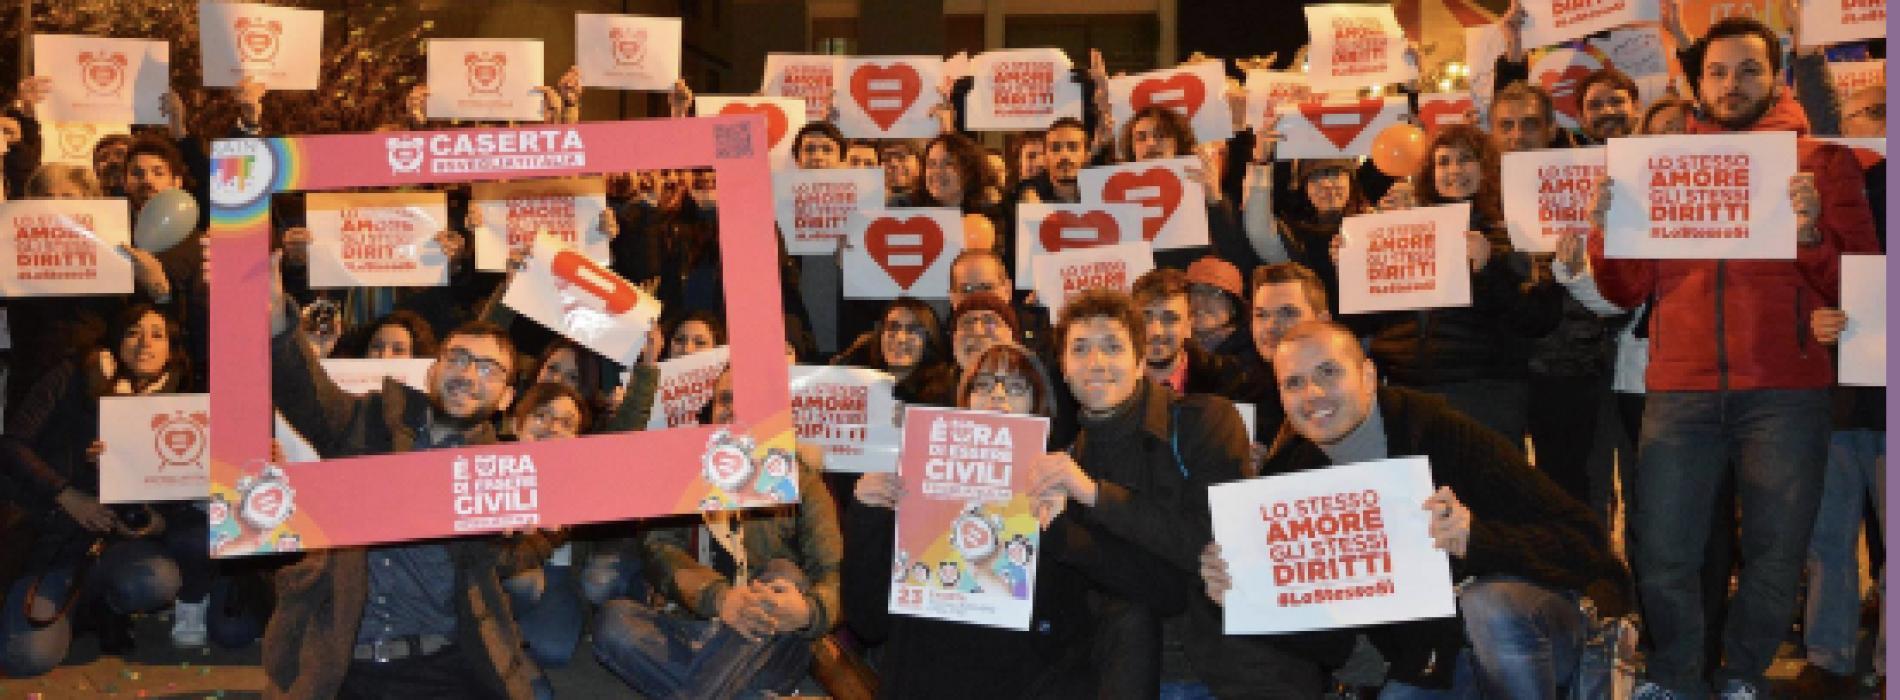 Caserta Campania Pride 2016. Tutto pronto per la sei giorni